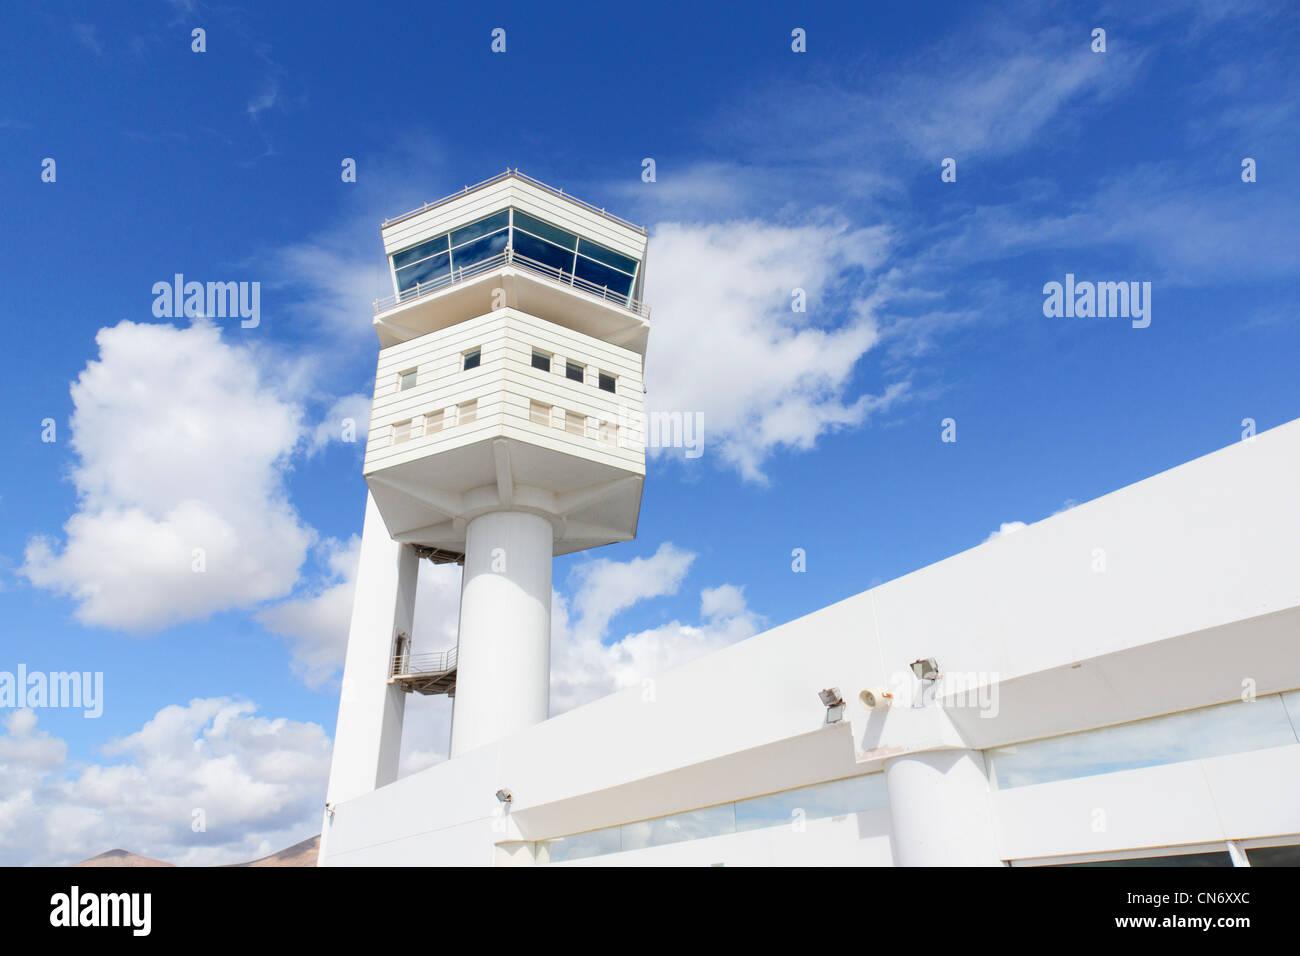 Lanzarote, Kanarische Inseln - Flughafen Arrecife. Air Traffic Control Tower. Stockbild